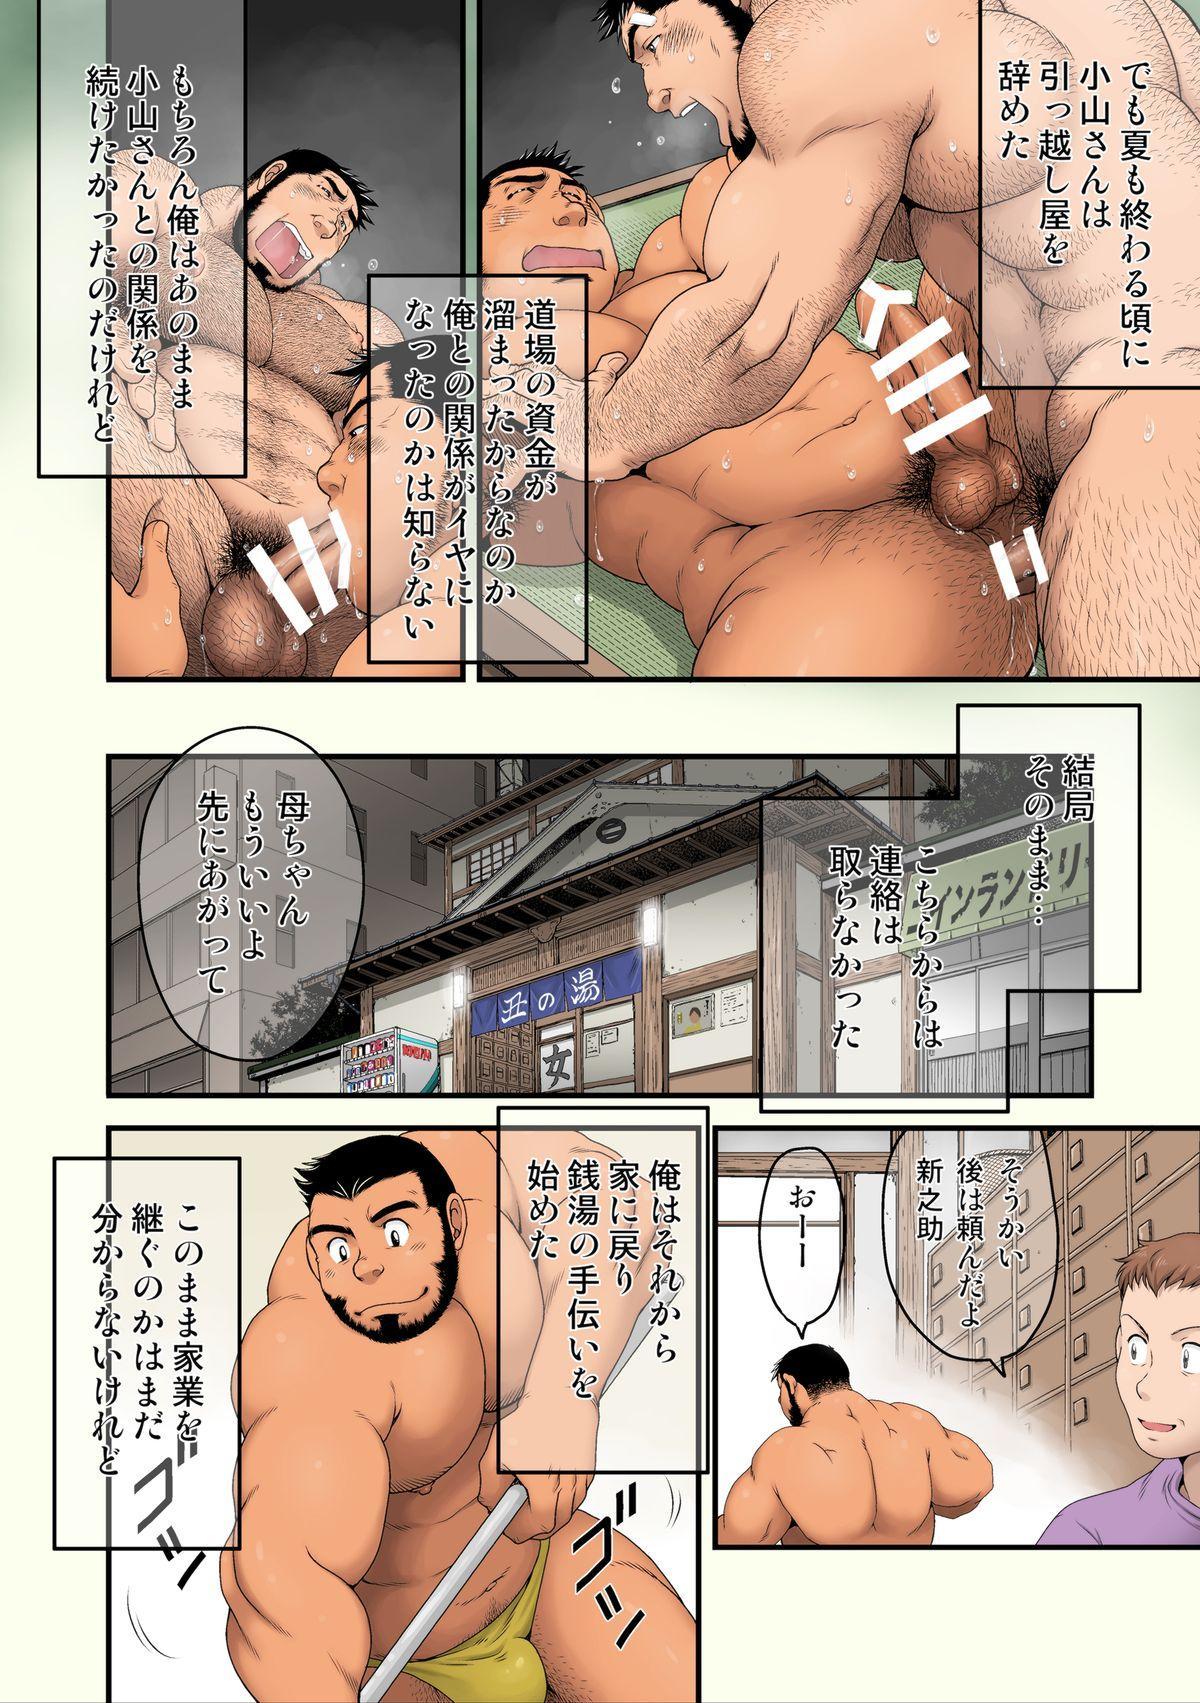 Ano Natsu Ichiban Shizuka na Umi 25